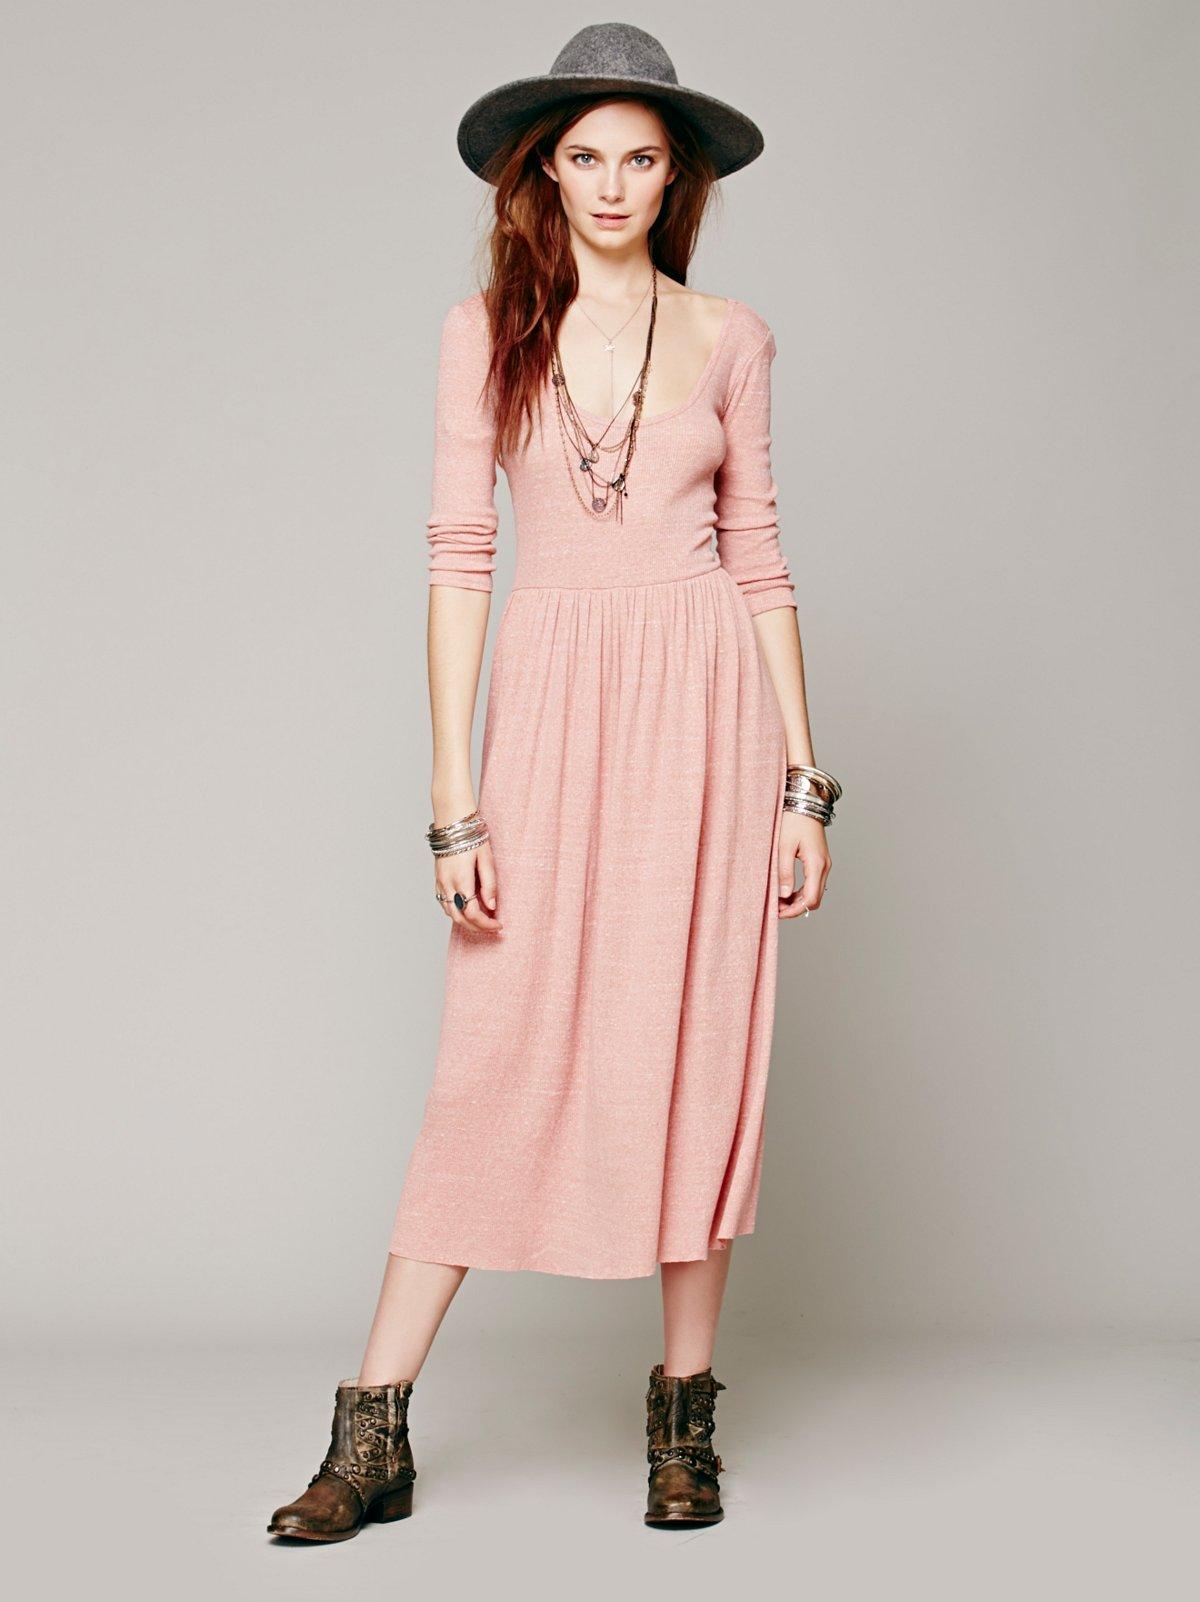 Jemmie Dress